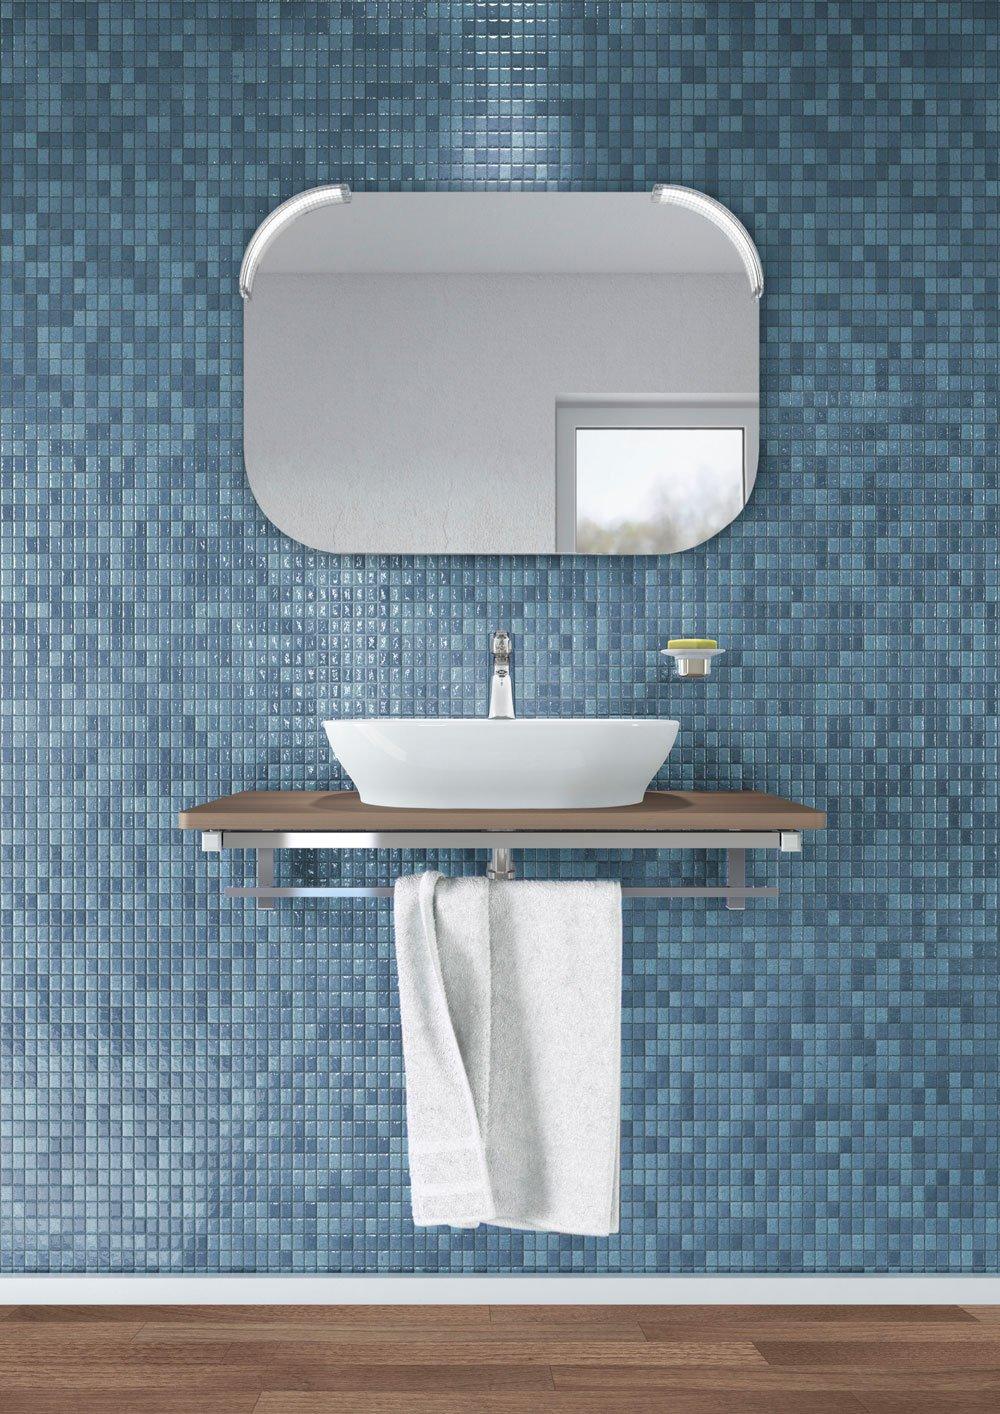 Lavabi d 39 appoggio su console per un bagno contemporaneo cose di casa for Rubinetti bagno ideal standard